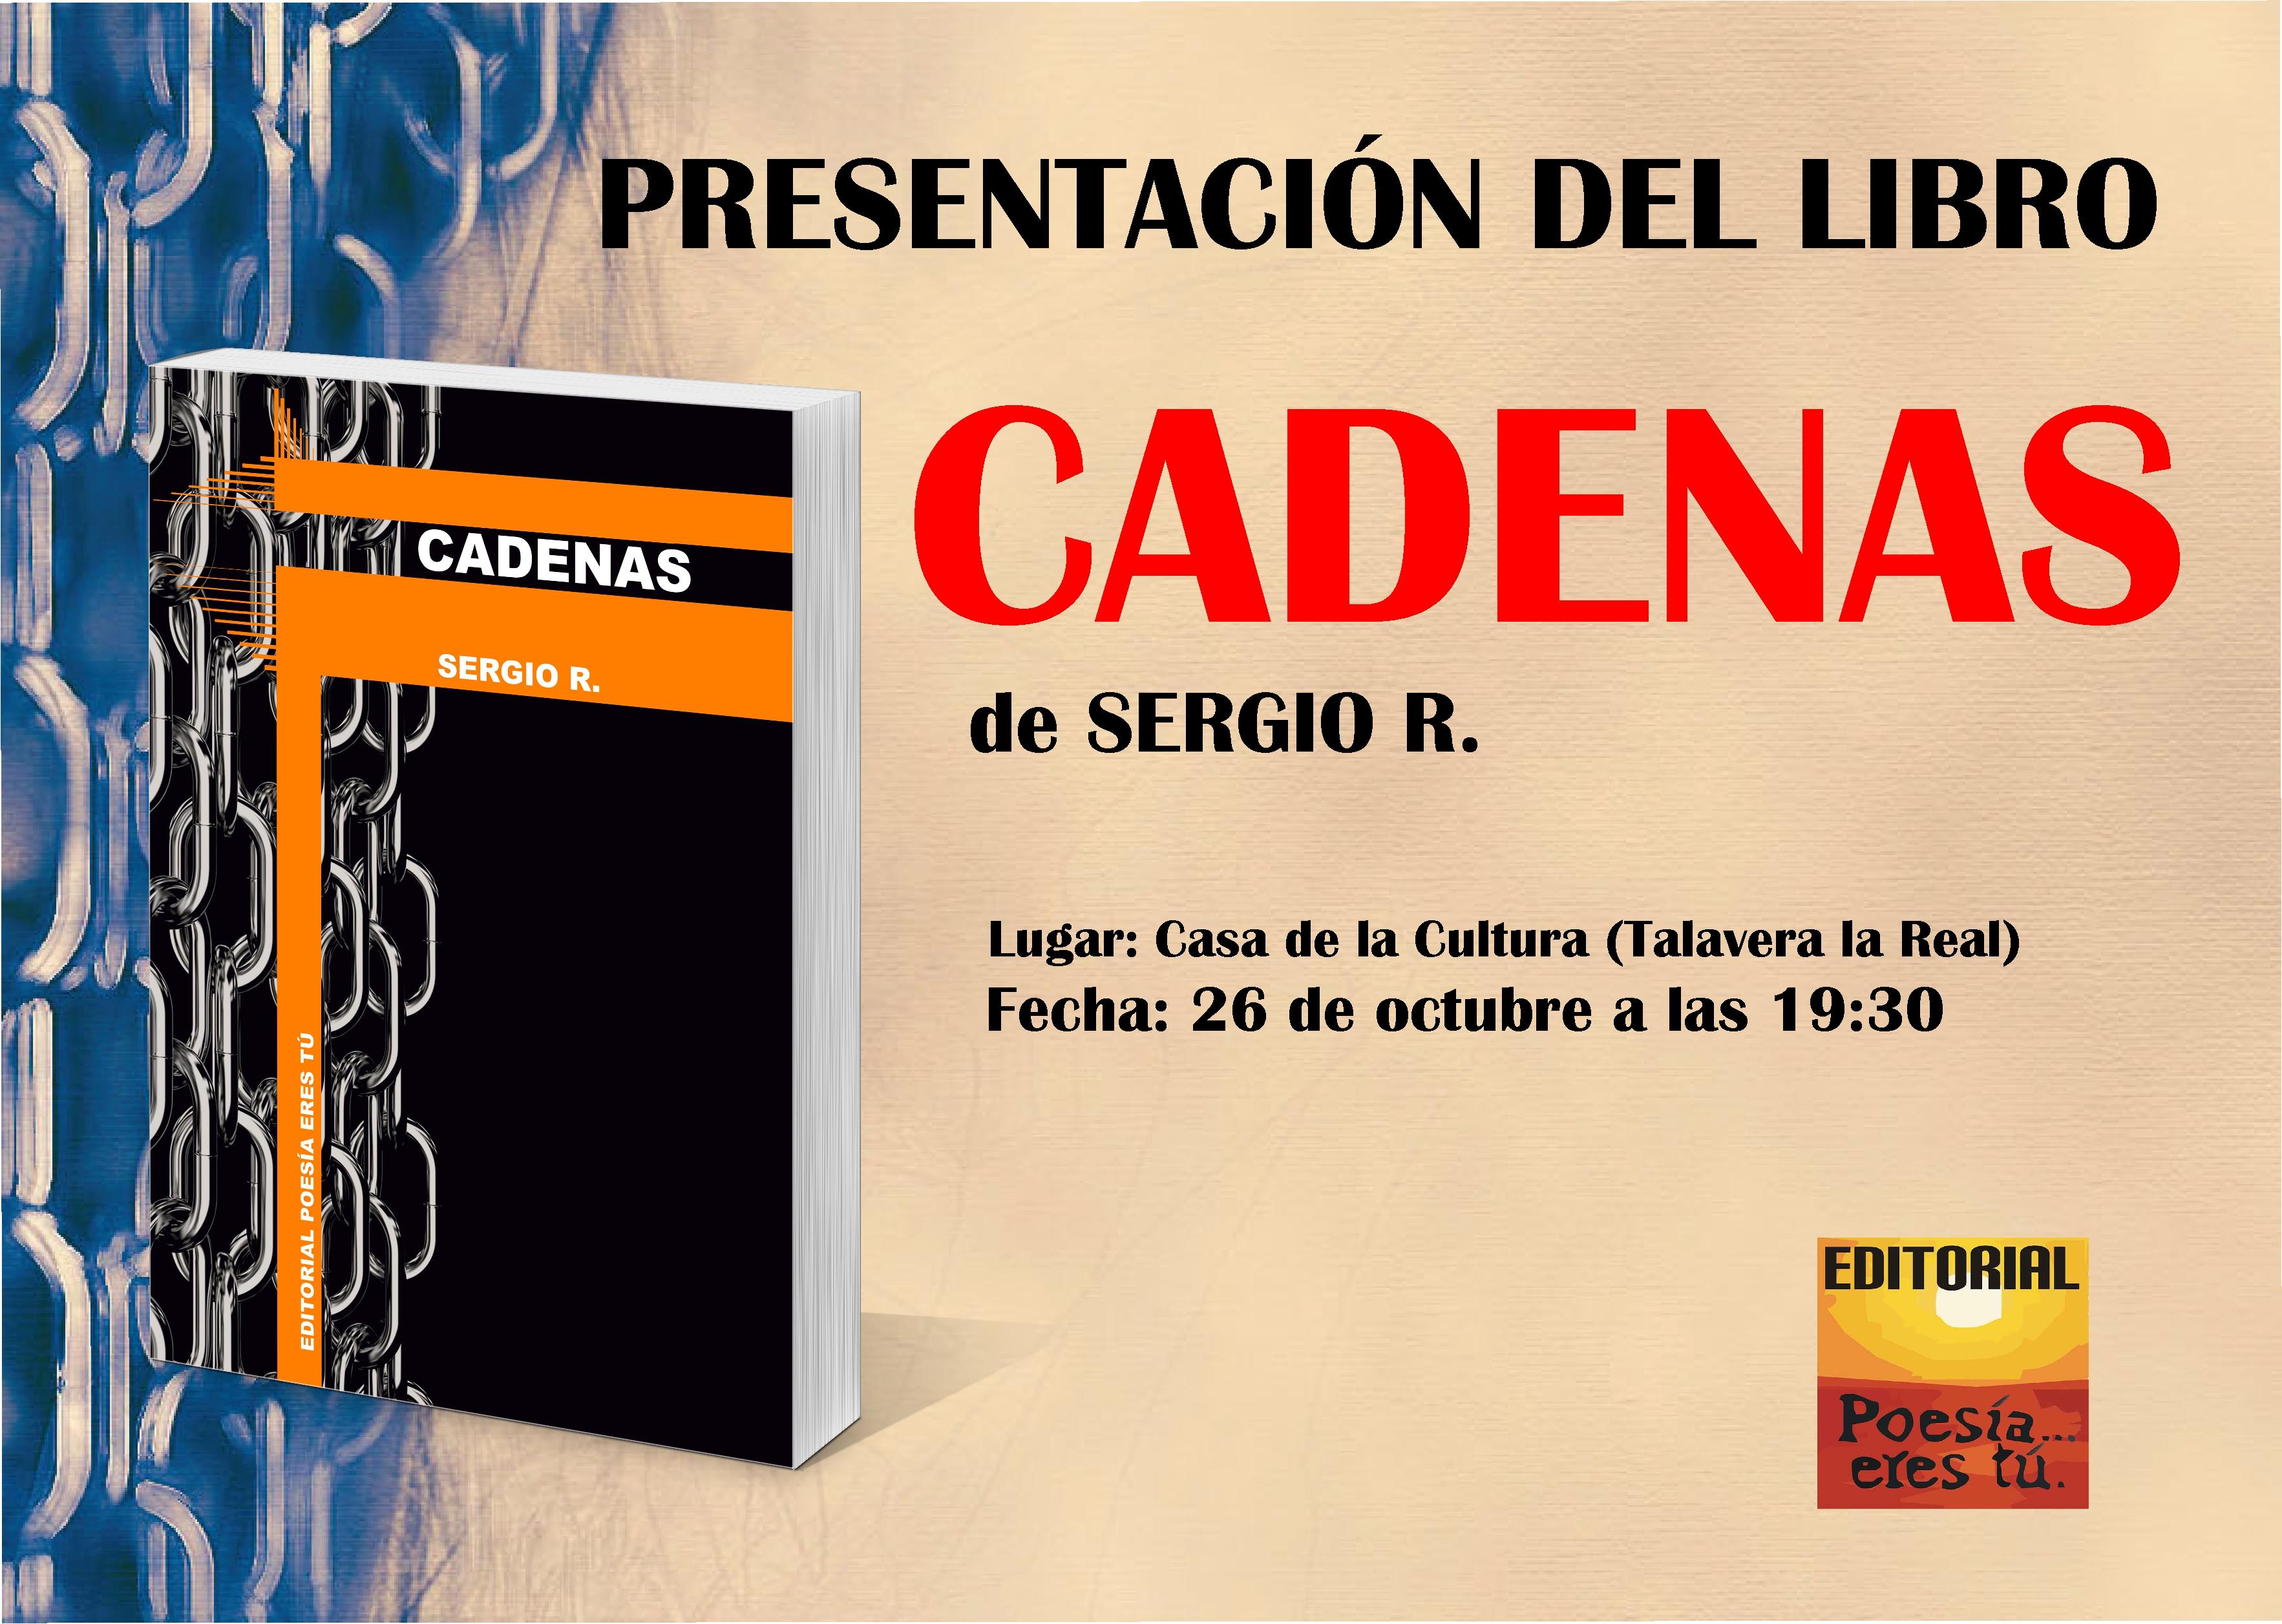 - CartelPresentacion - Presentación del libro CADENAS en Talavera la Real revista de poesía - CartelPresentacion - Revista de poesía. Revista Poesía eres tú.